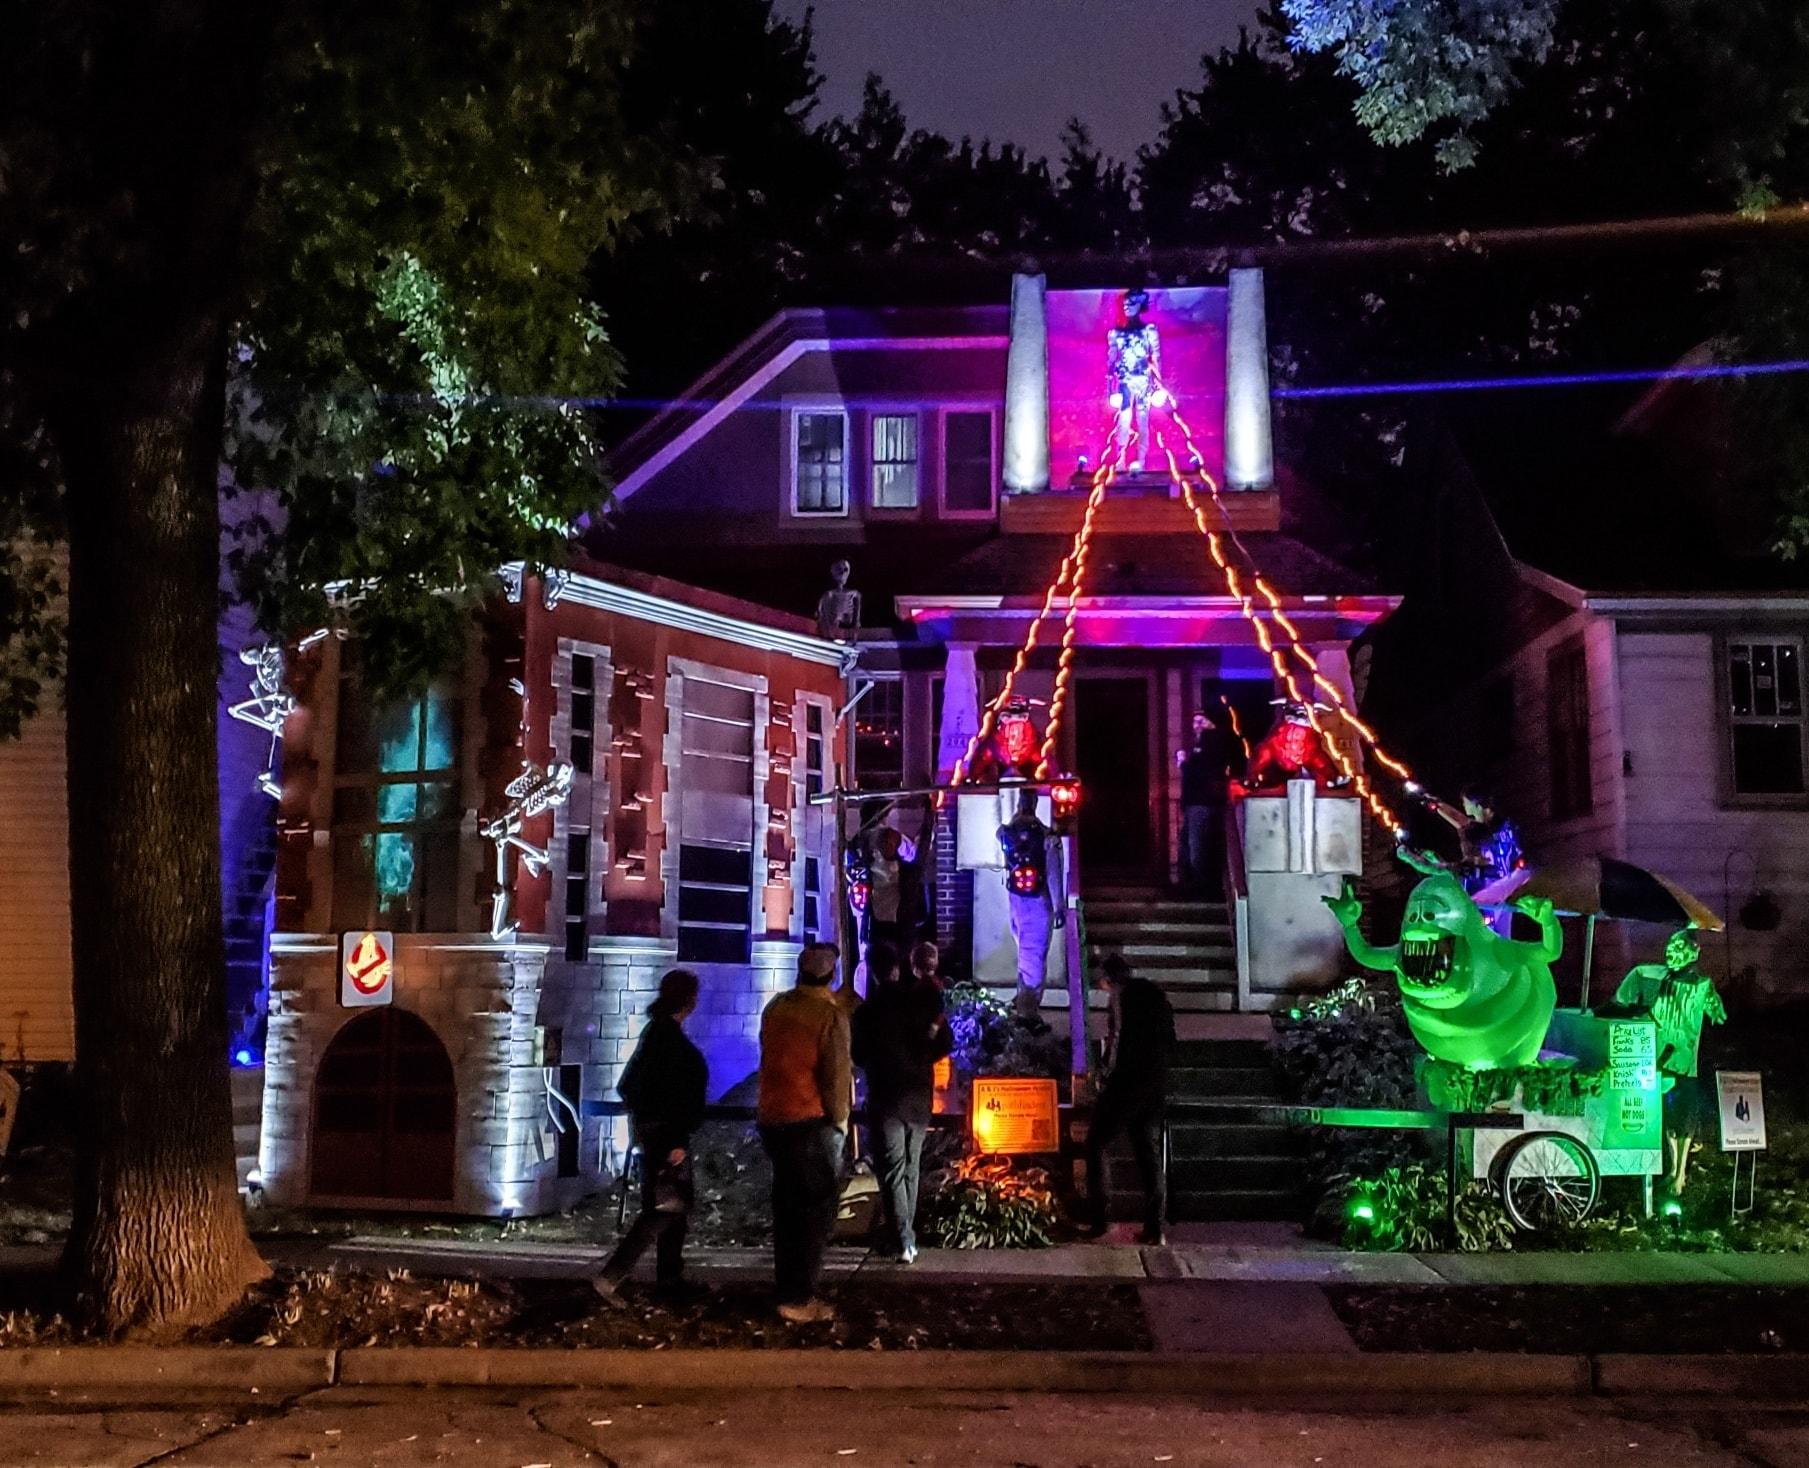 Maison Halloween - Milwaukee - Wiskonsin Night-AJ